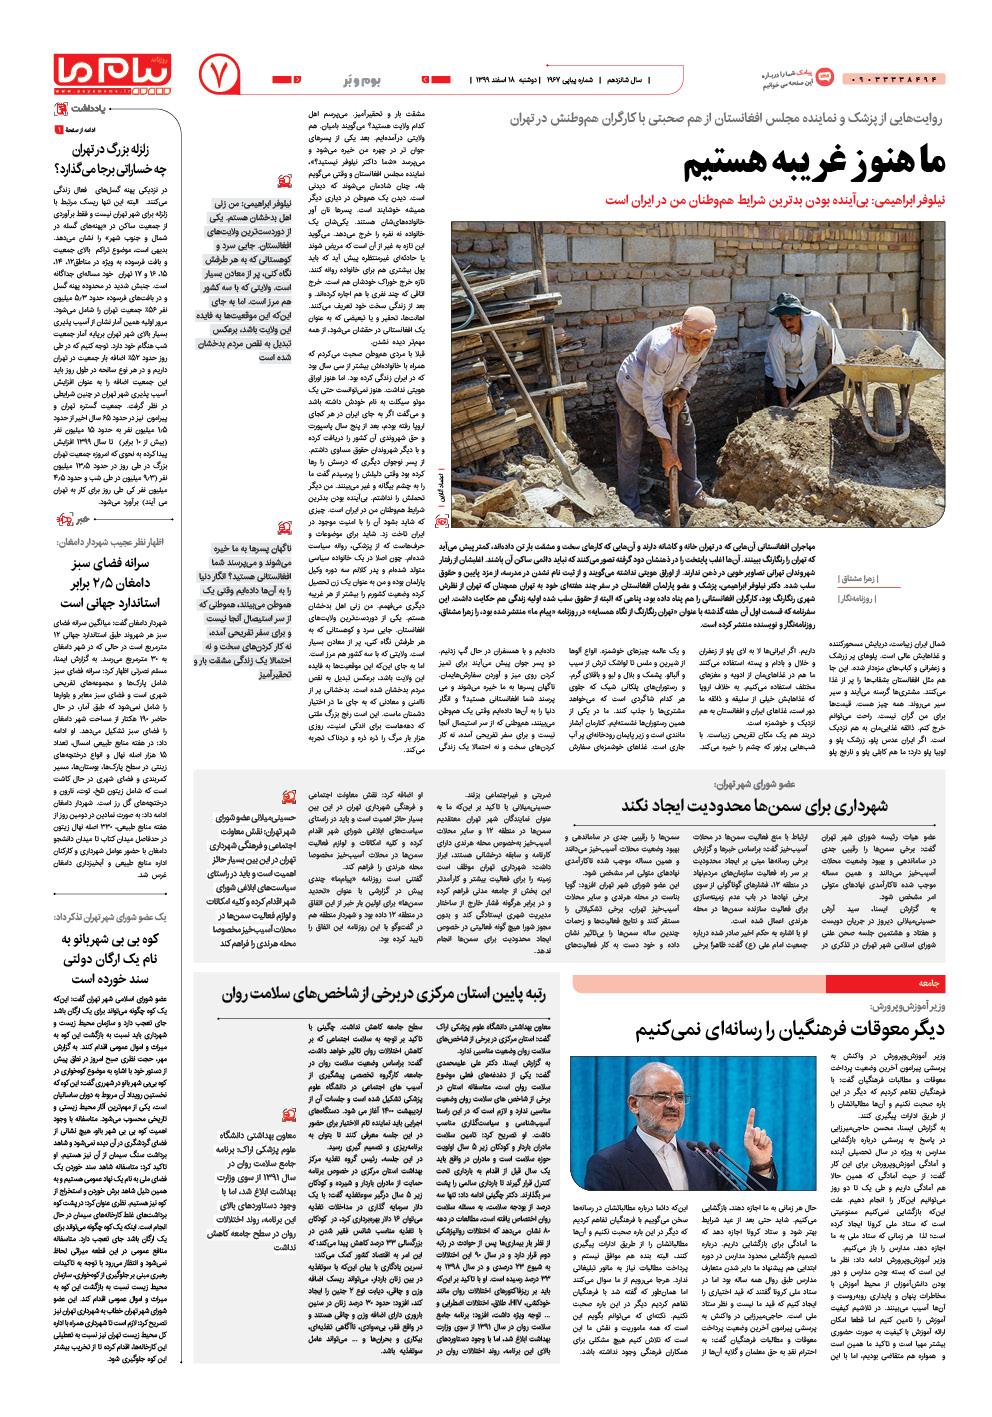 زلزله بزرگ در تهران چه خساراتی برجا میگذارد؟